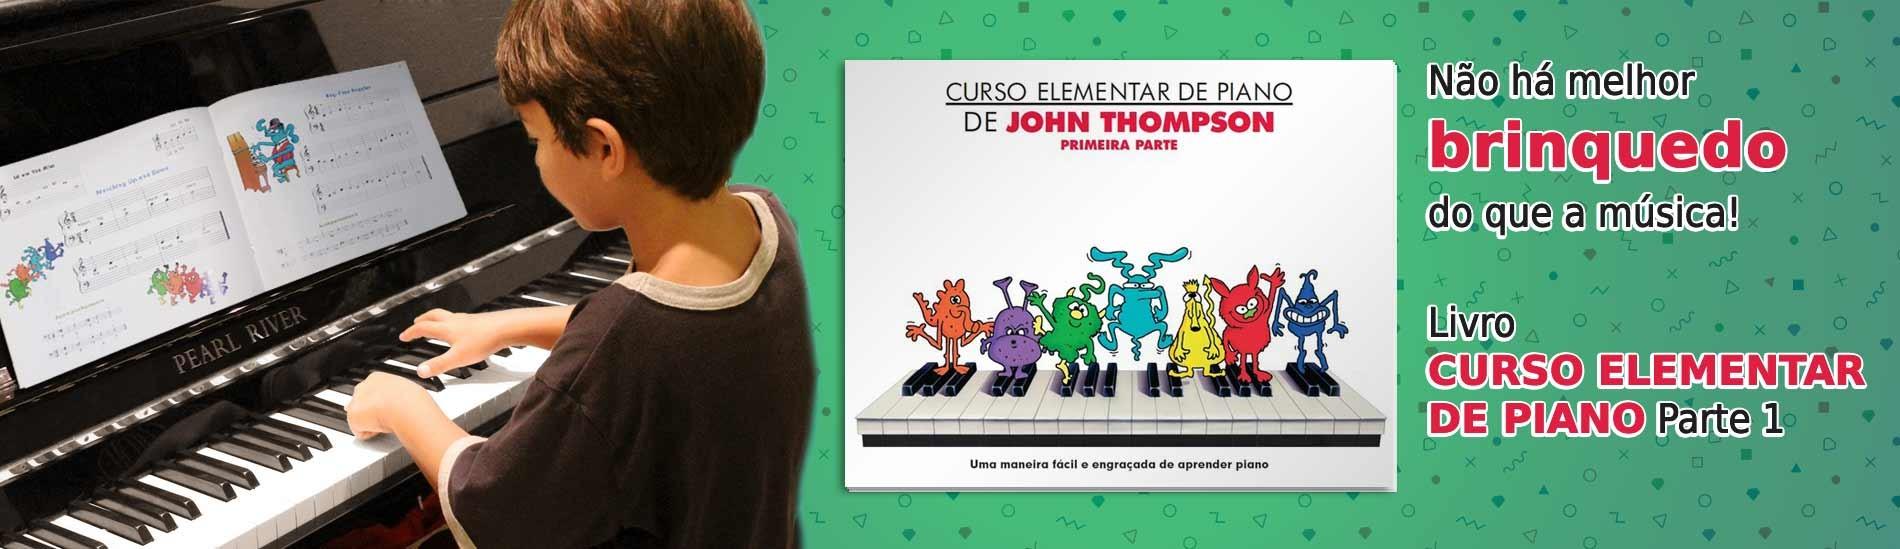 Não há melhor brinquedo do que a música! - Livro Curso Elementar de Piano Parte 1